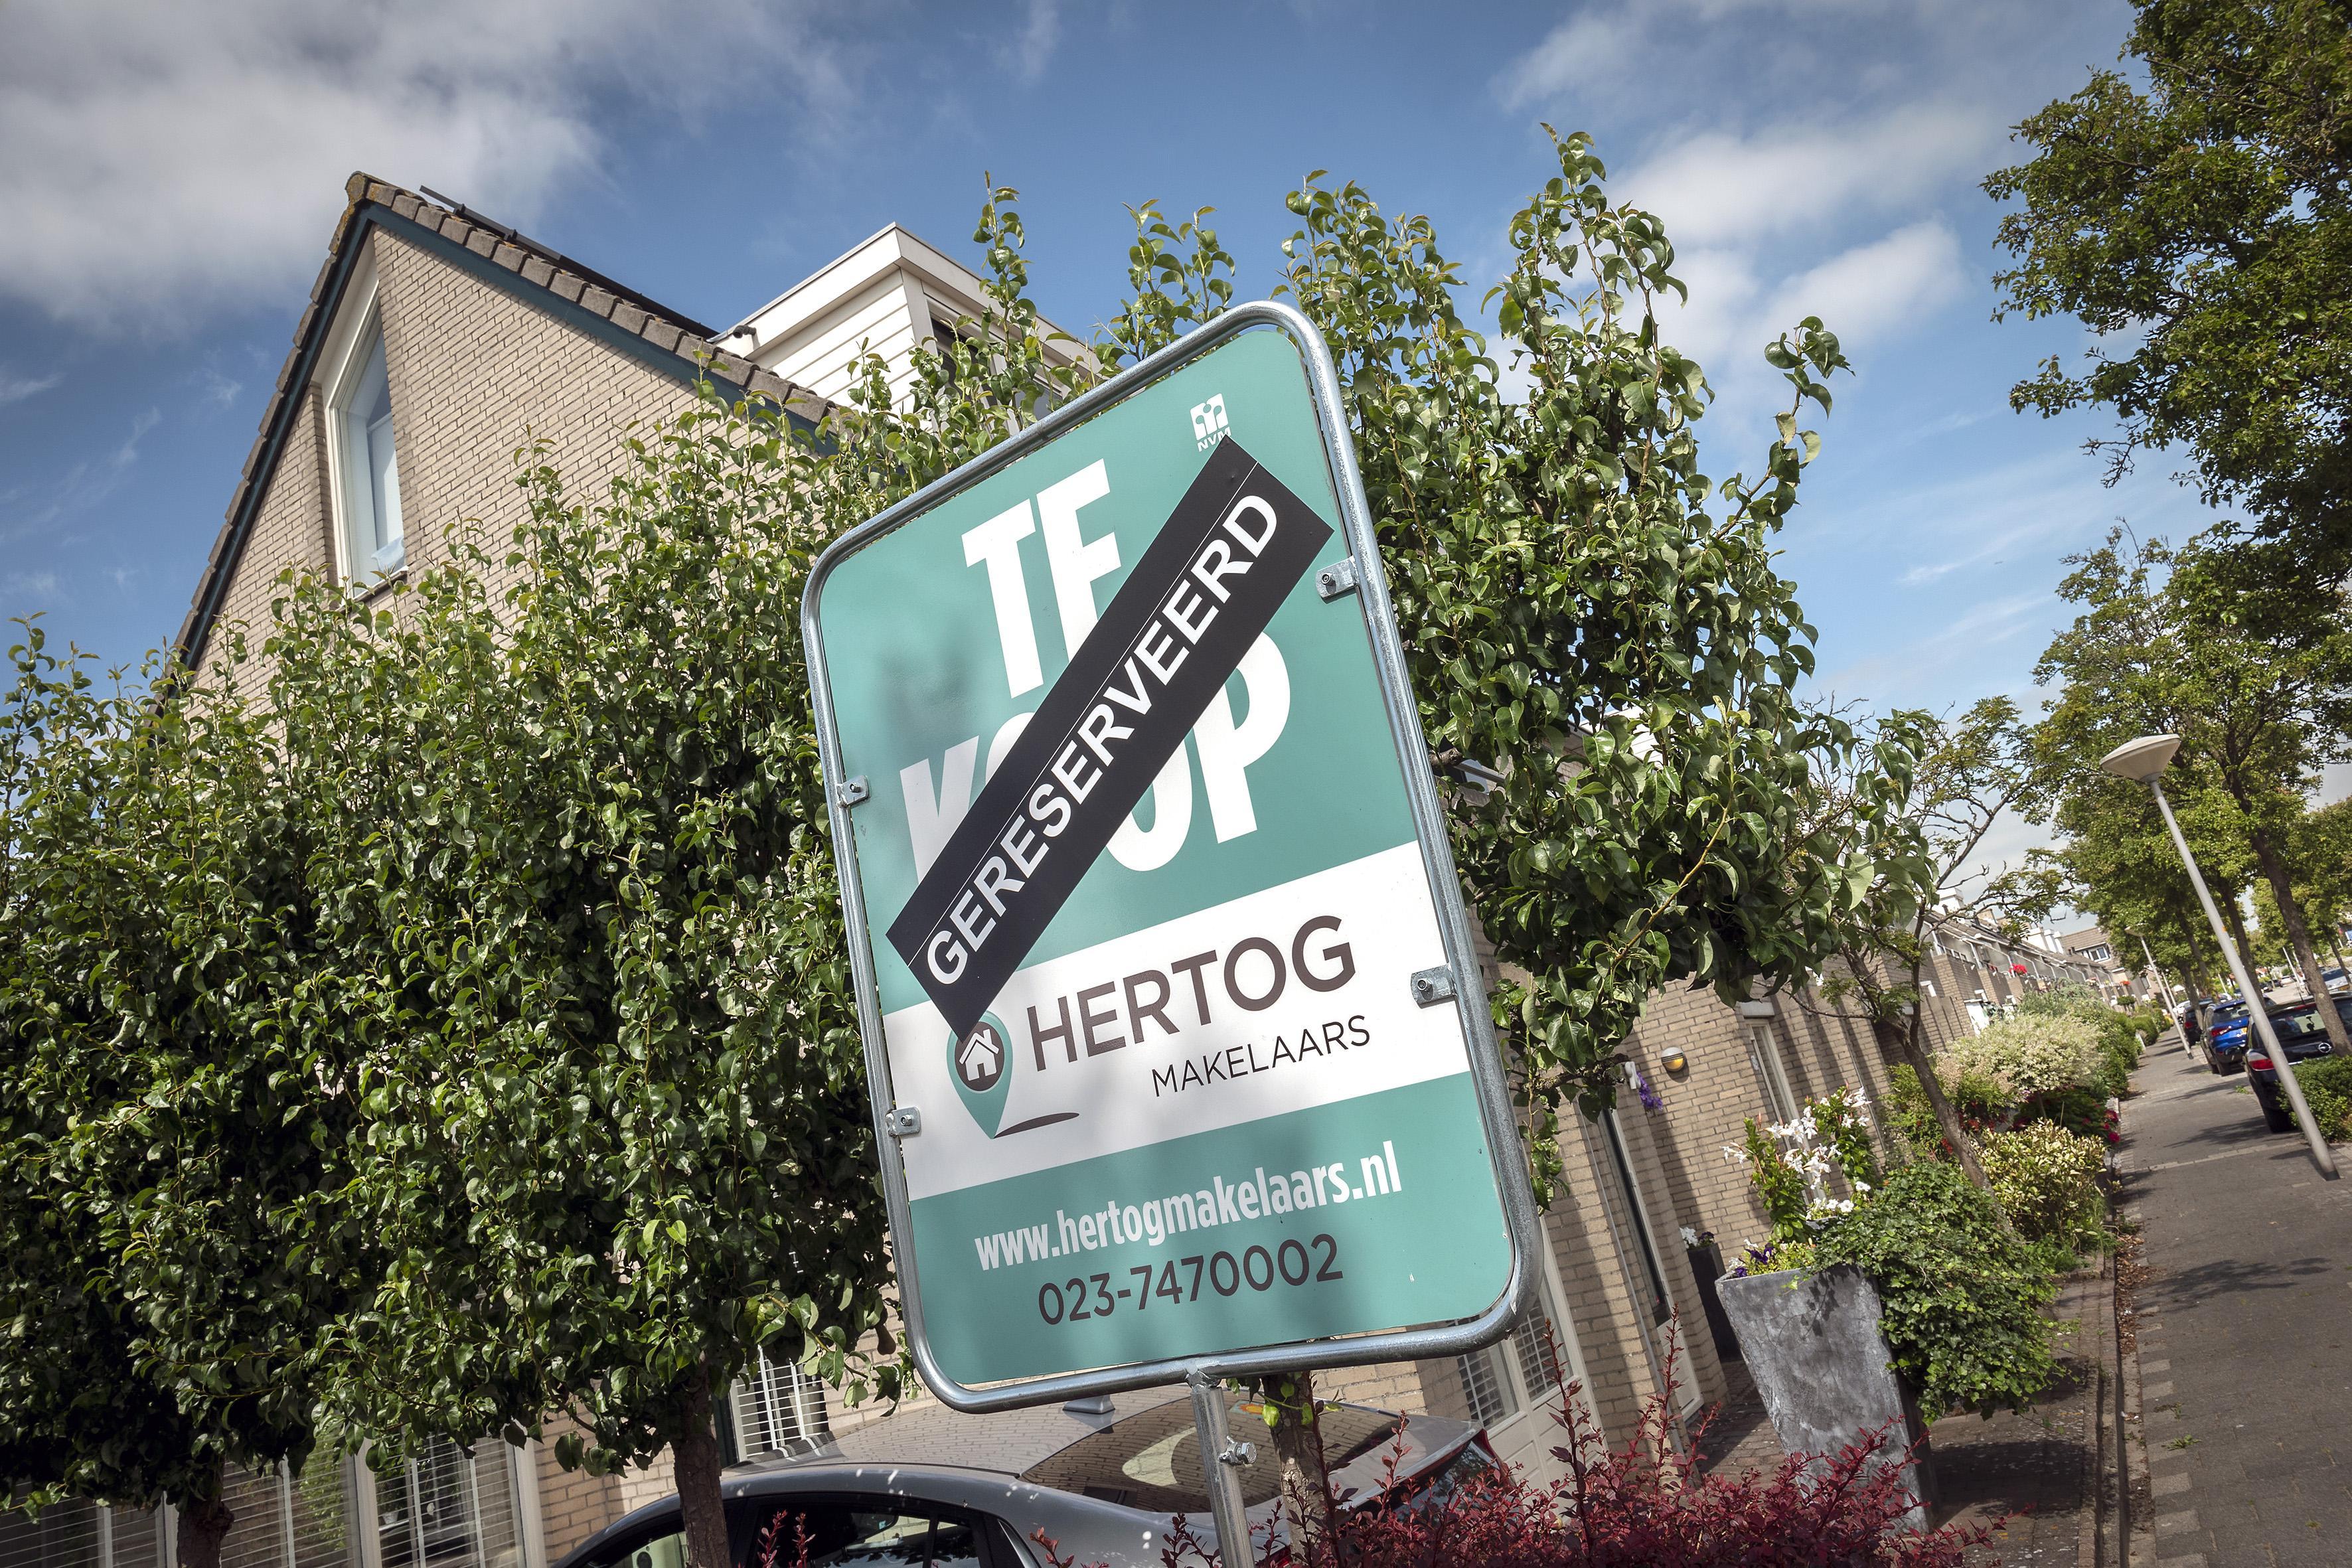 Zeven van de tien 55-plussers willen in eigen huis blijven wonen, blijkt uit onderzoek van de Hypotheker